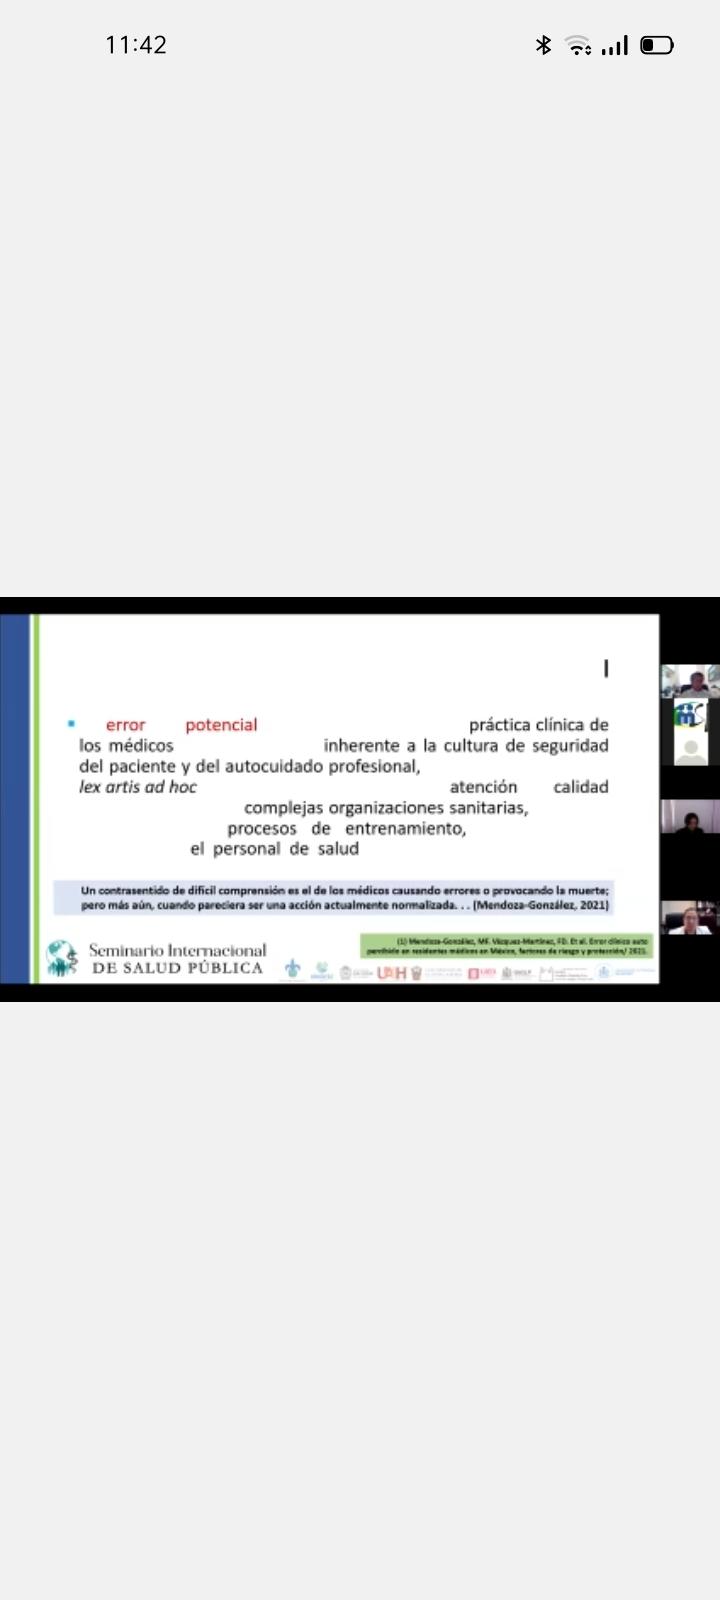 Diapositiva que describre el error potencial